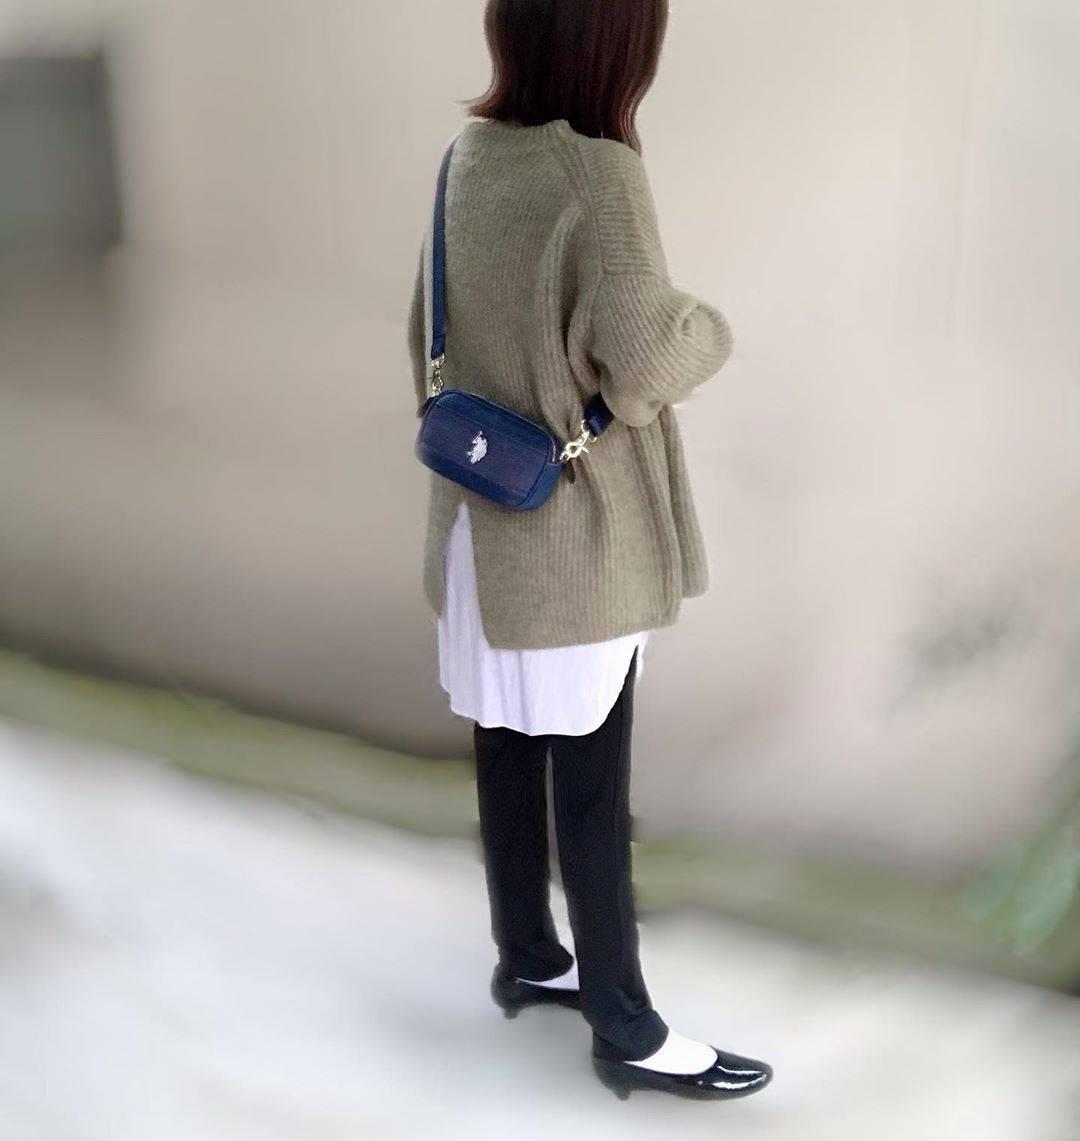 最高気温7度・最低気温2度 unange103の服装